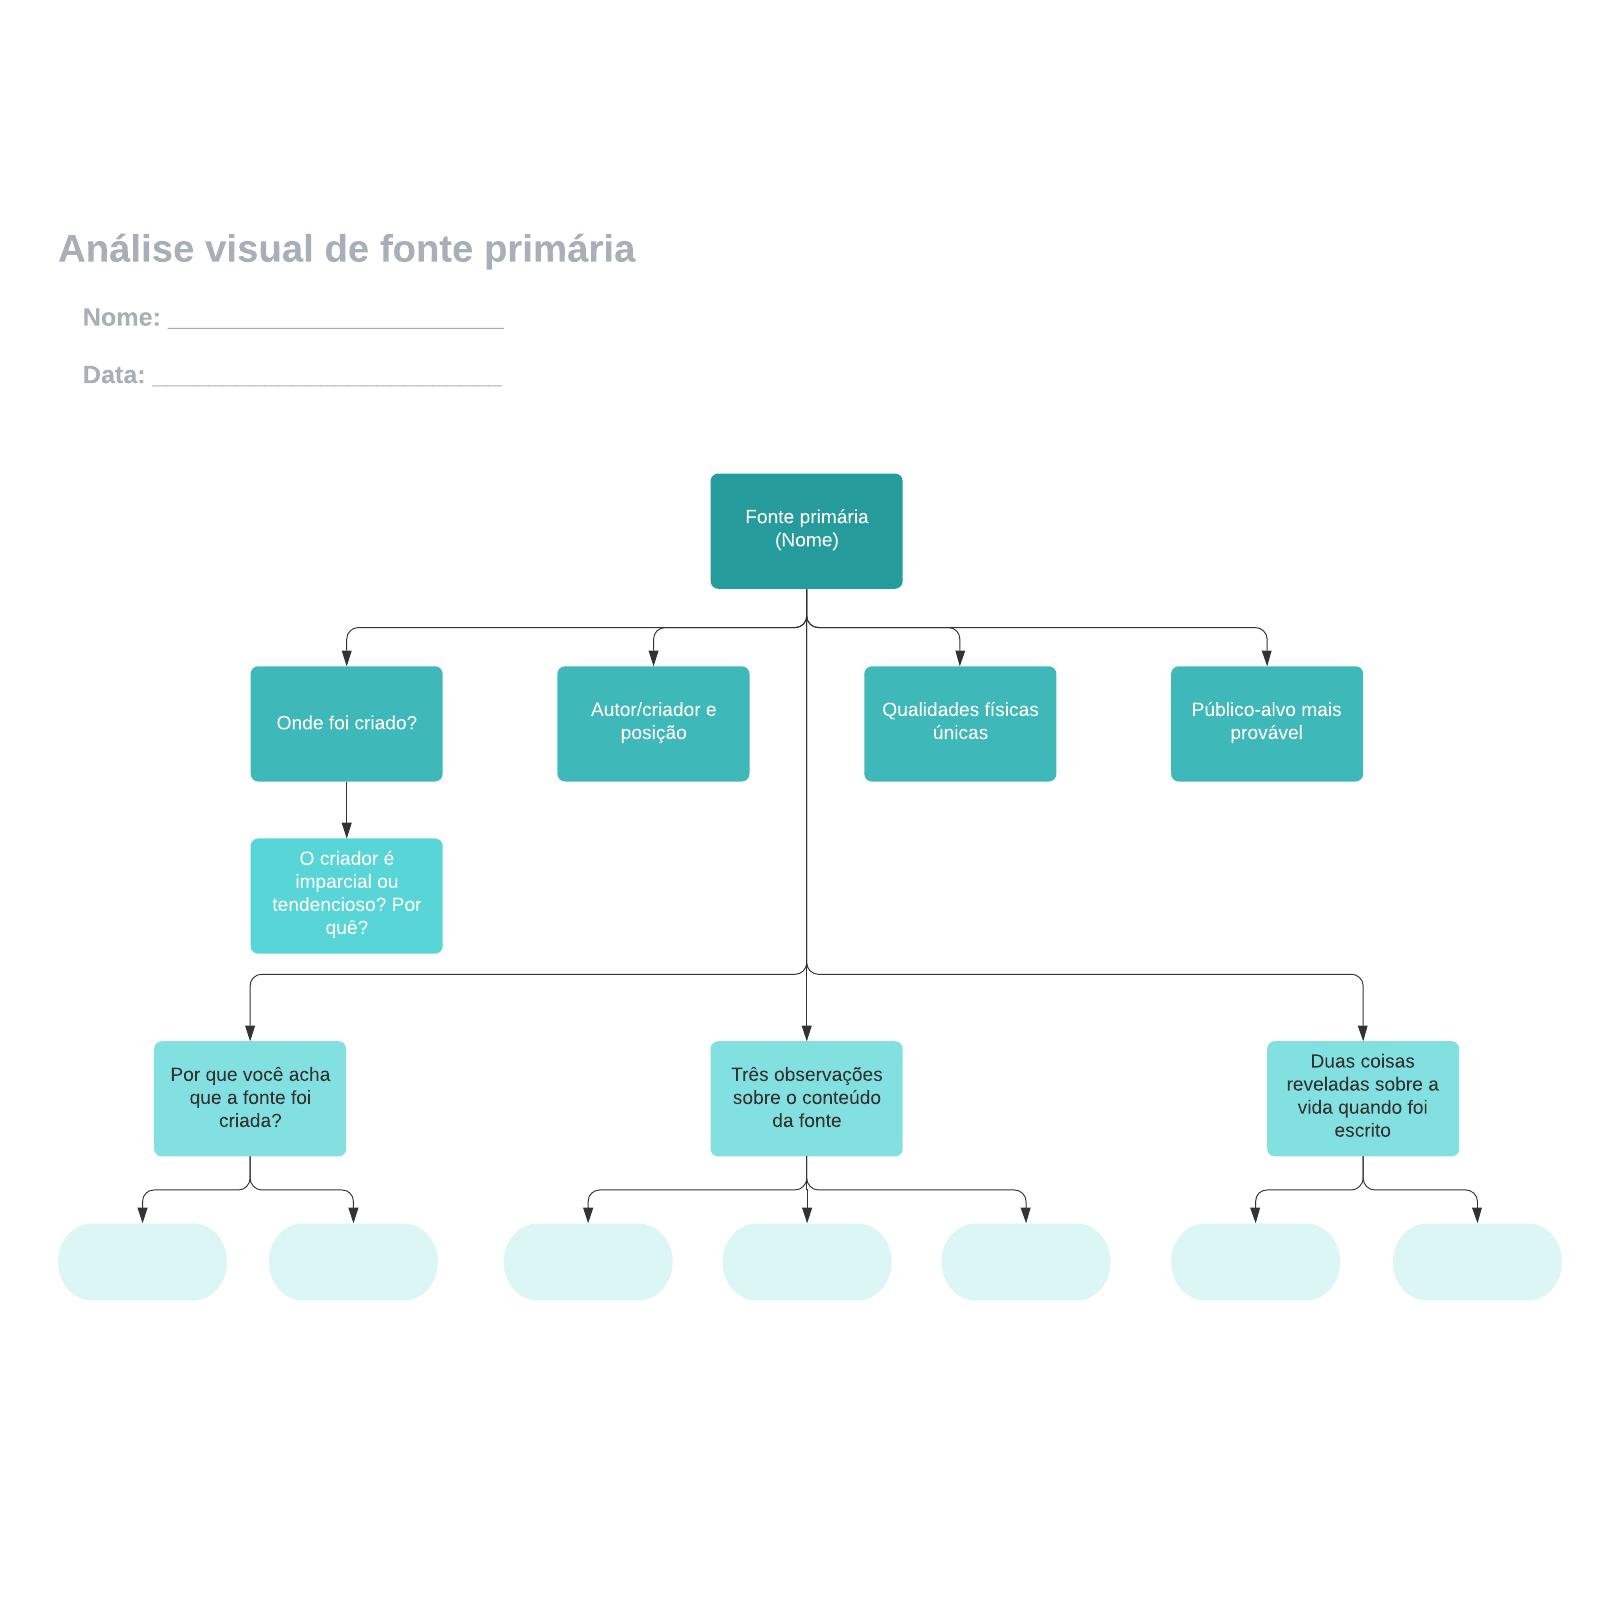 Análise visual de fonte primária